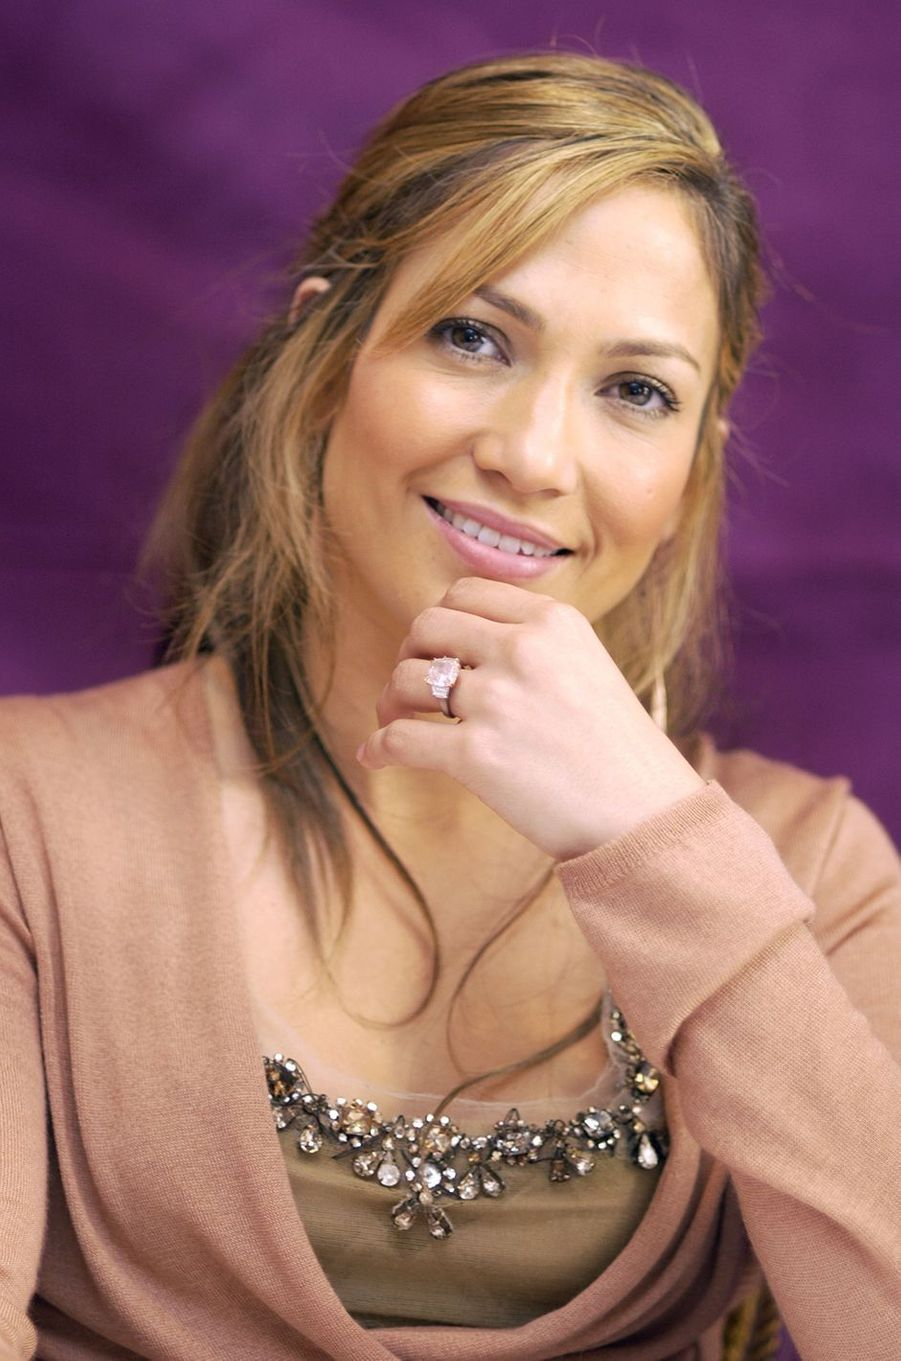 Jennifer Lopez portant la bague de fiançailles offerte par Ben Affleck en juillet 2003 lors de la promotion du film «Gigli»